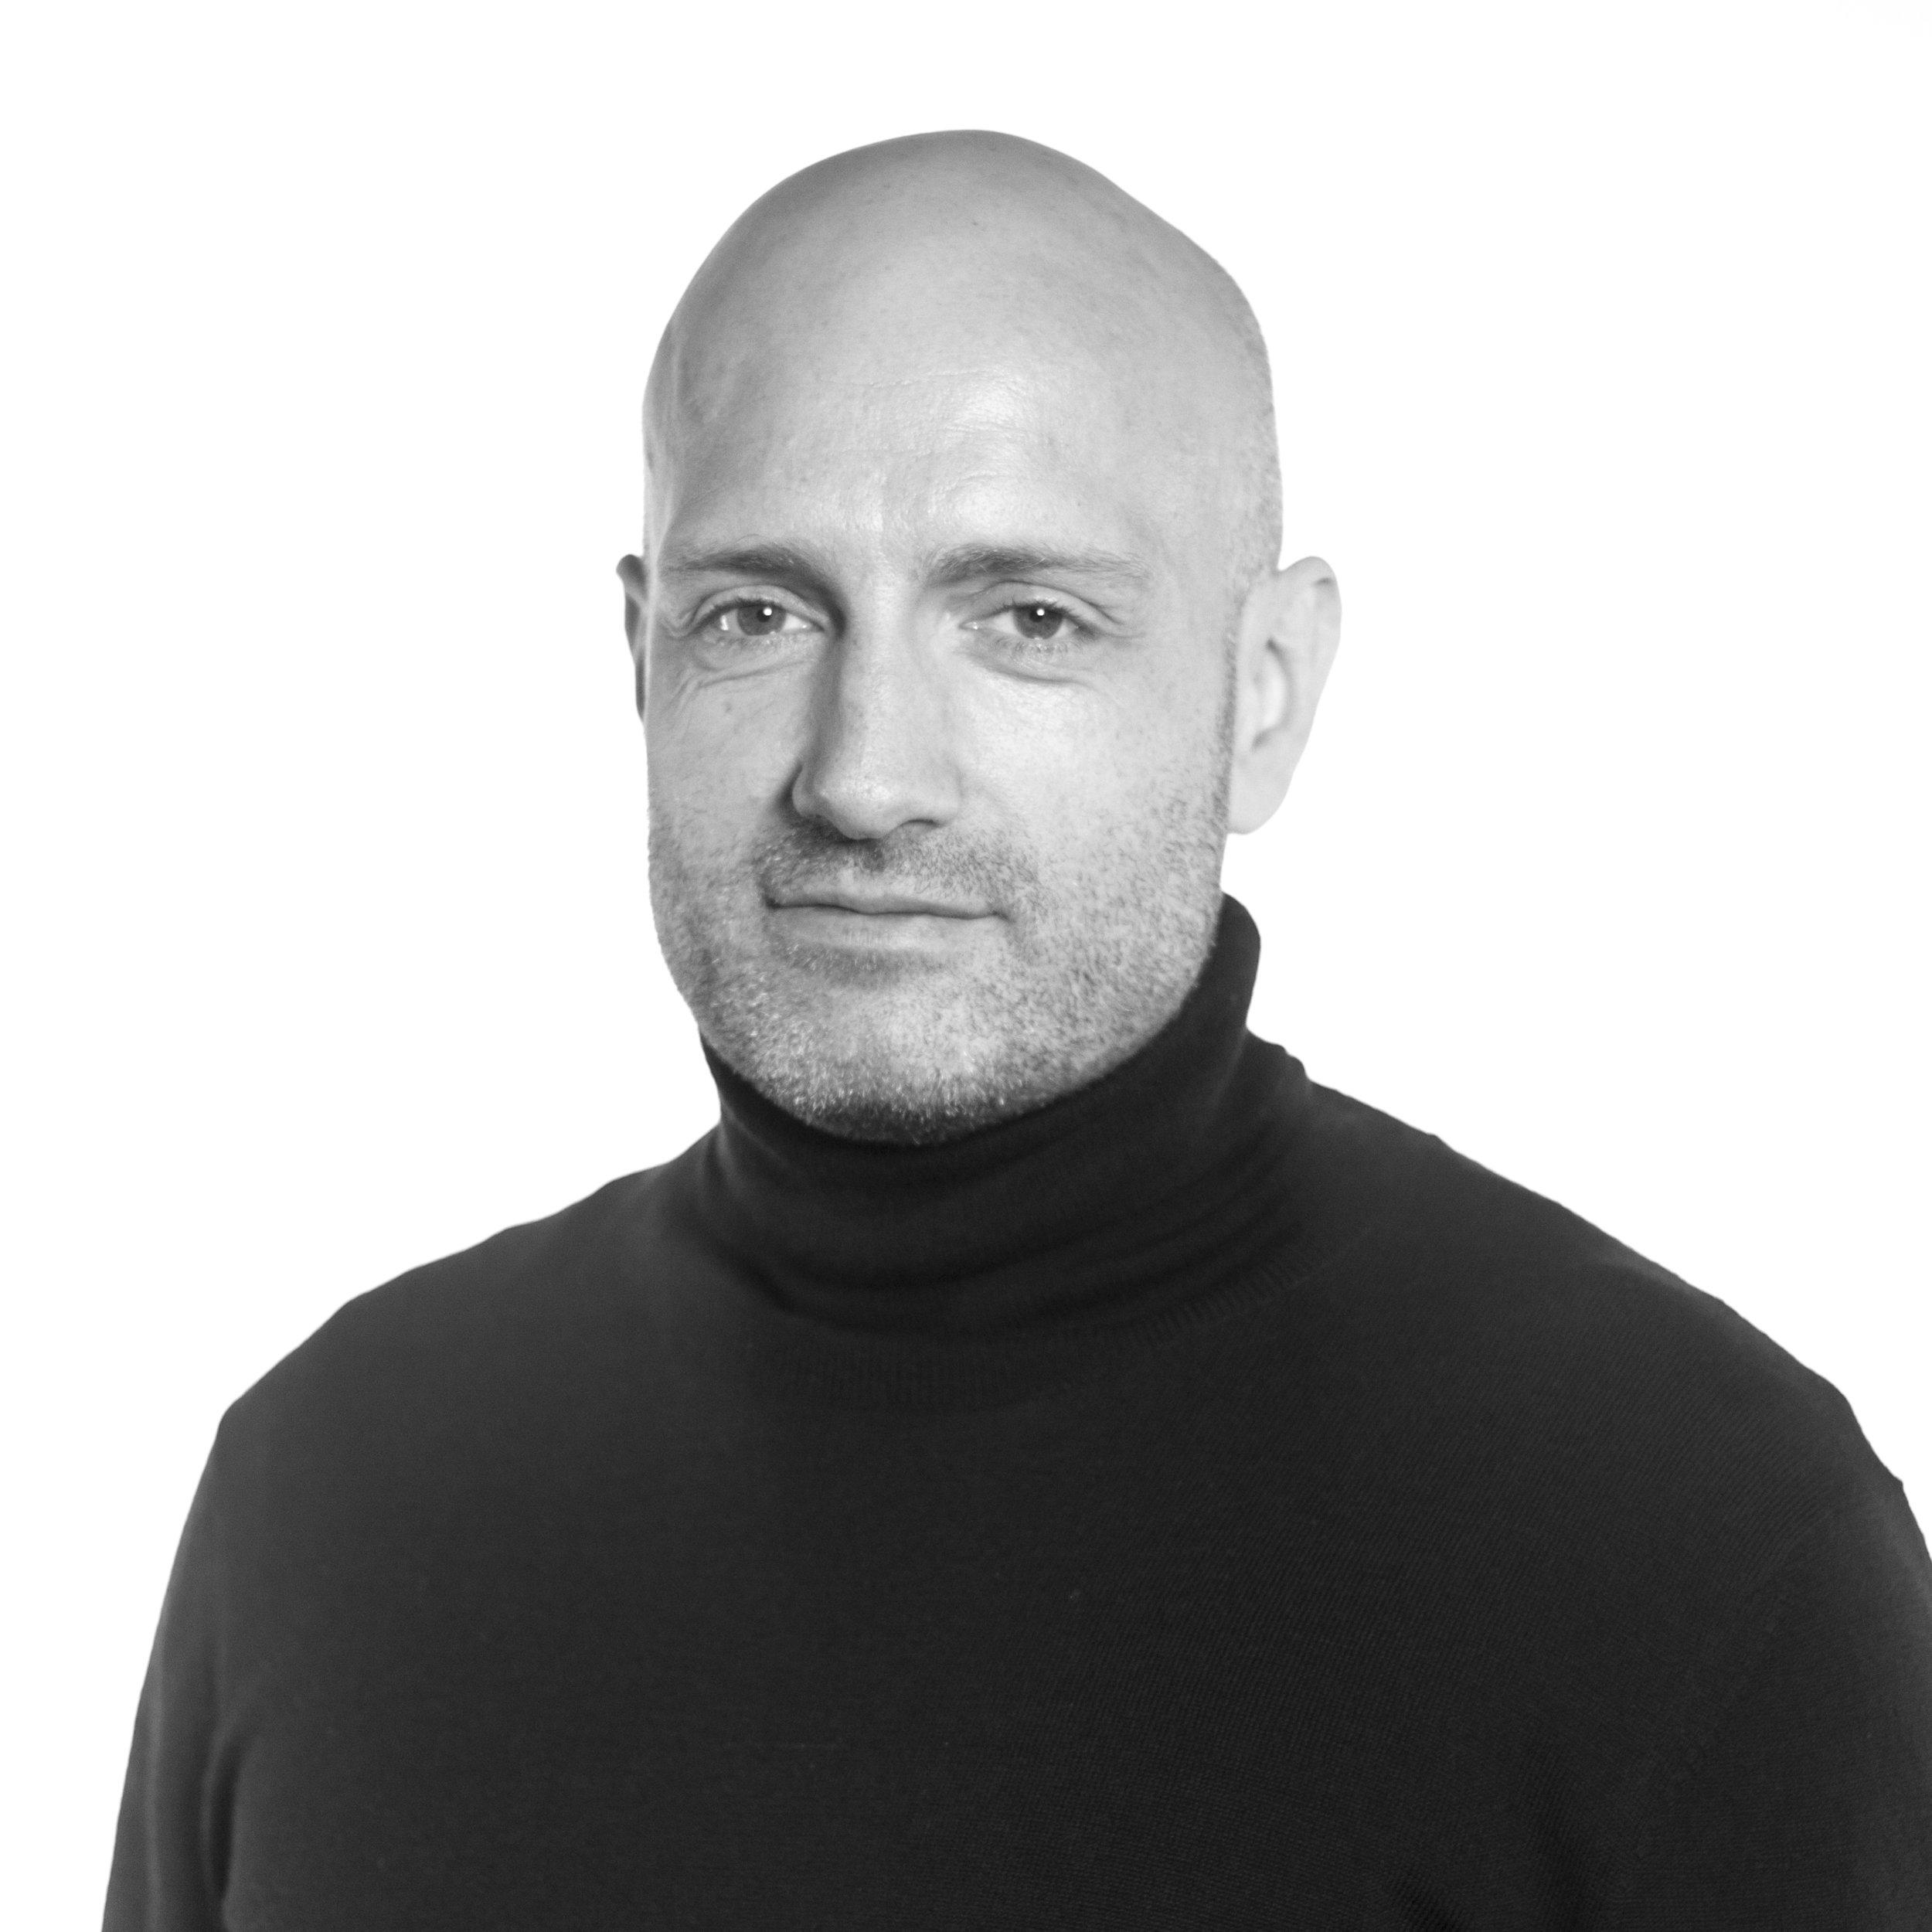 Karl Kristian Hansen Tlf: 776 97 870  E-post   Ansvarlig for booking av kontorplass og møterom i 3. etg, koordinering av utvekslingsprosjektet Screen, Yoghurt Kulturakselerator, samt veiledning, ideutvikling & prosessledelse på diverse prosjekter. Karl Kristian jobber også med Tvibitstigen.